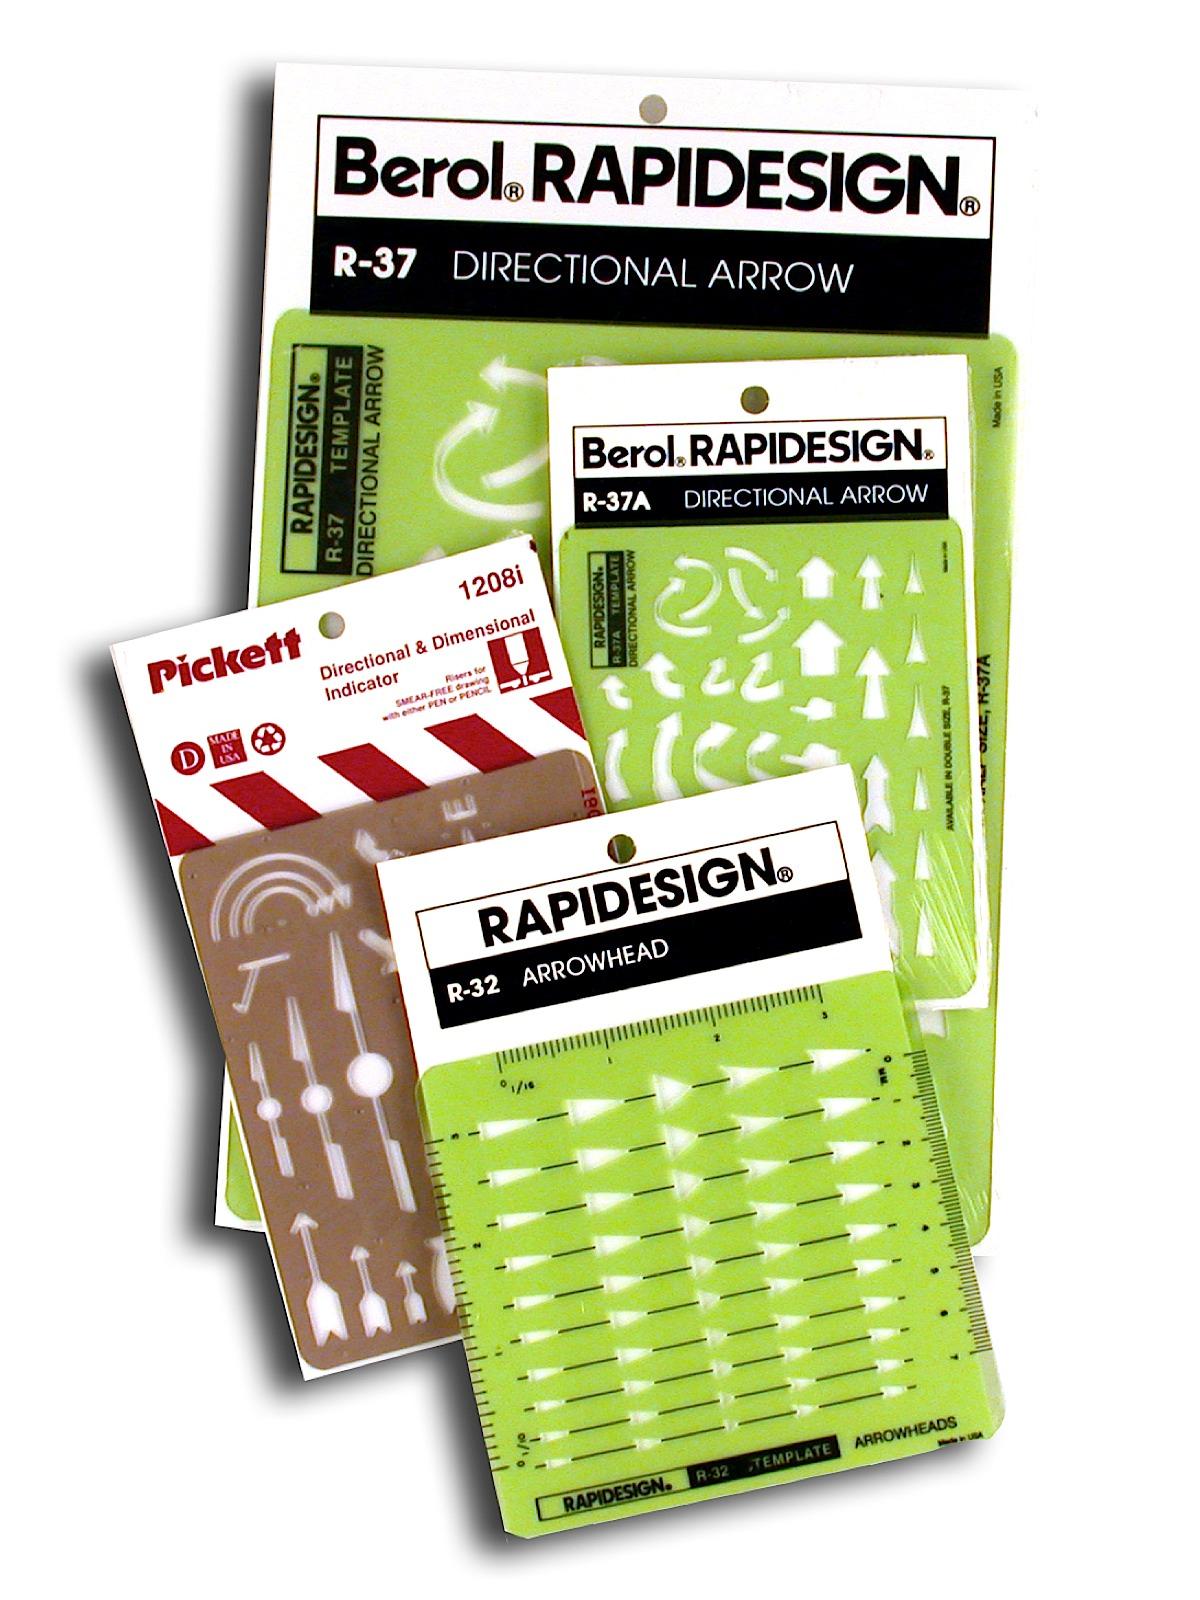 Civil Engineers Radius Guide R-127 Berol Rapidesign Template